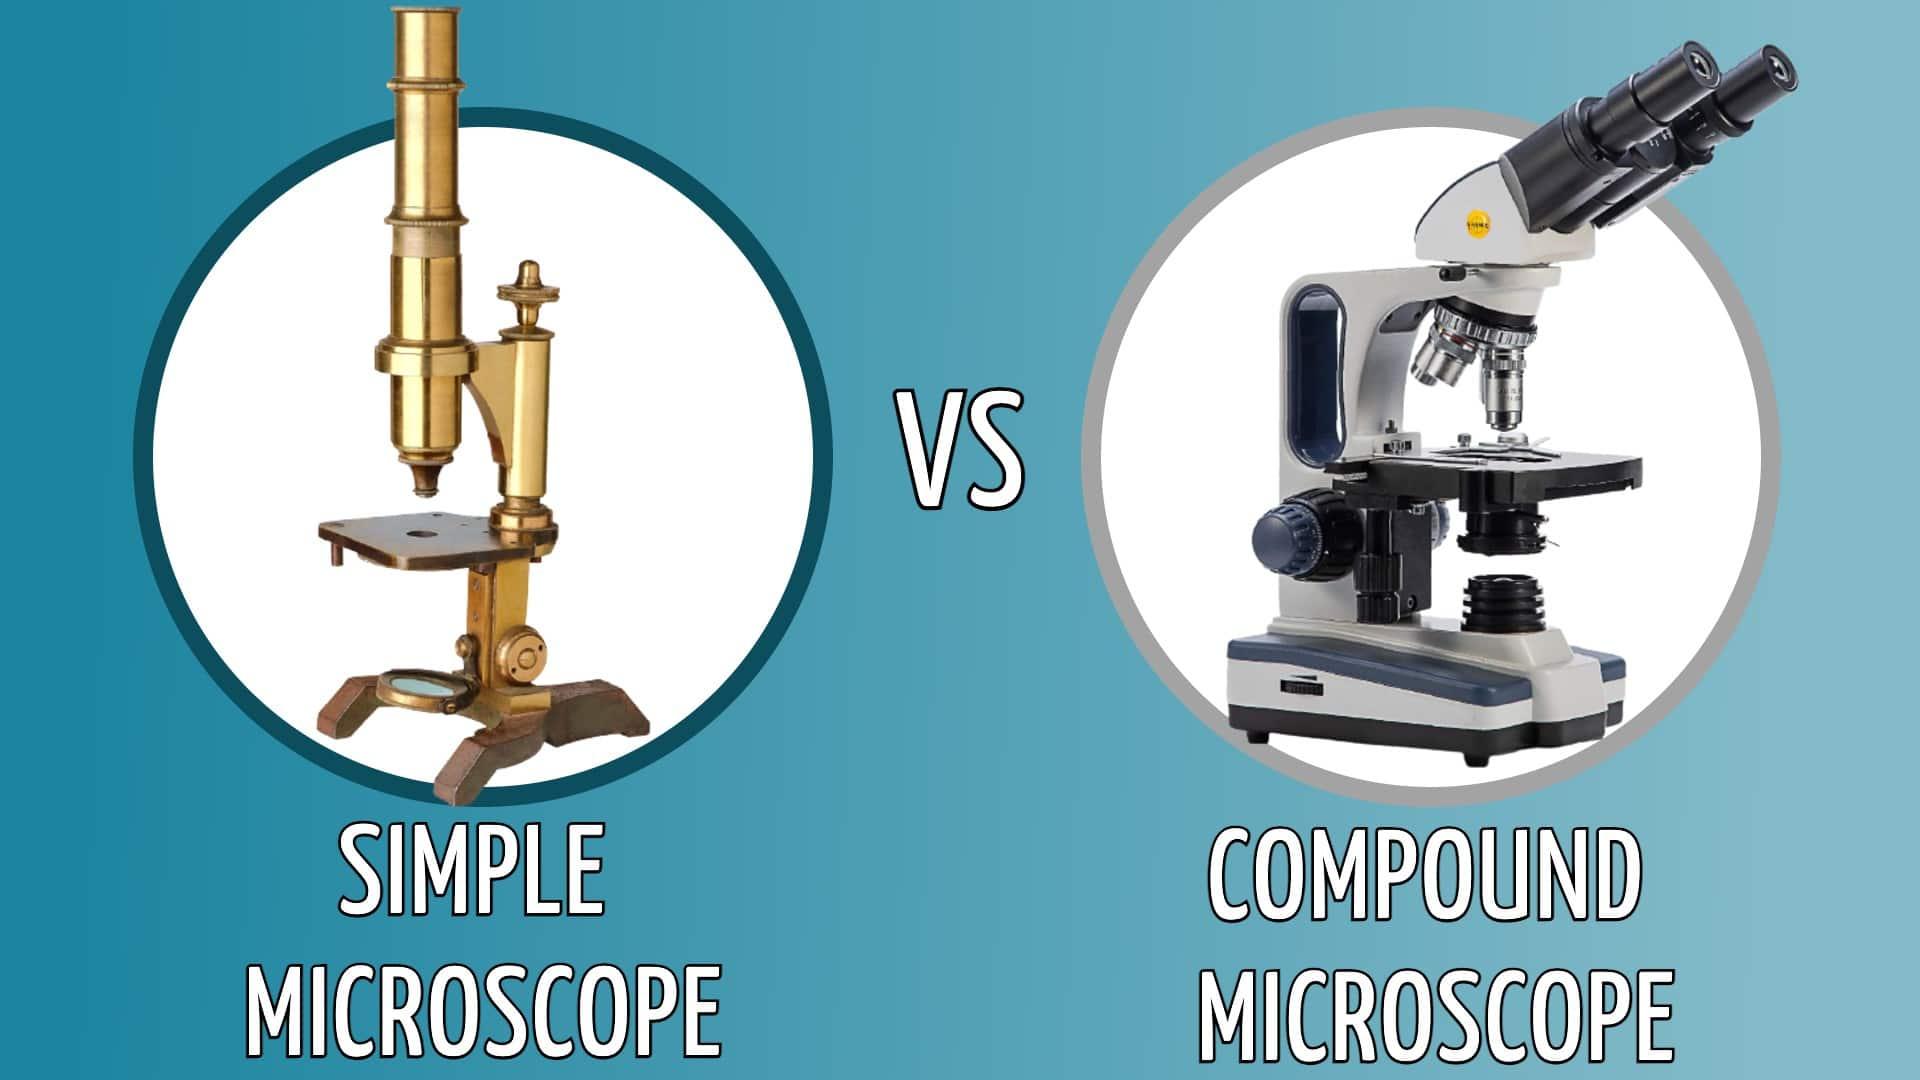 simple vs compound microscope